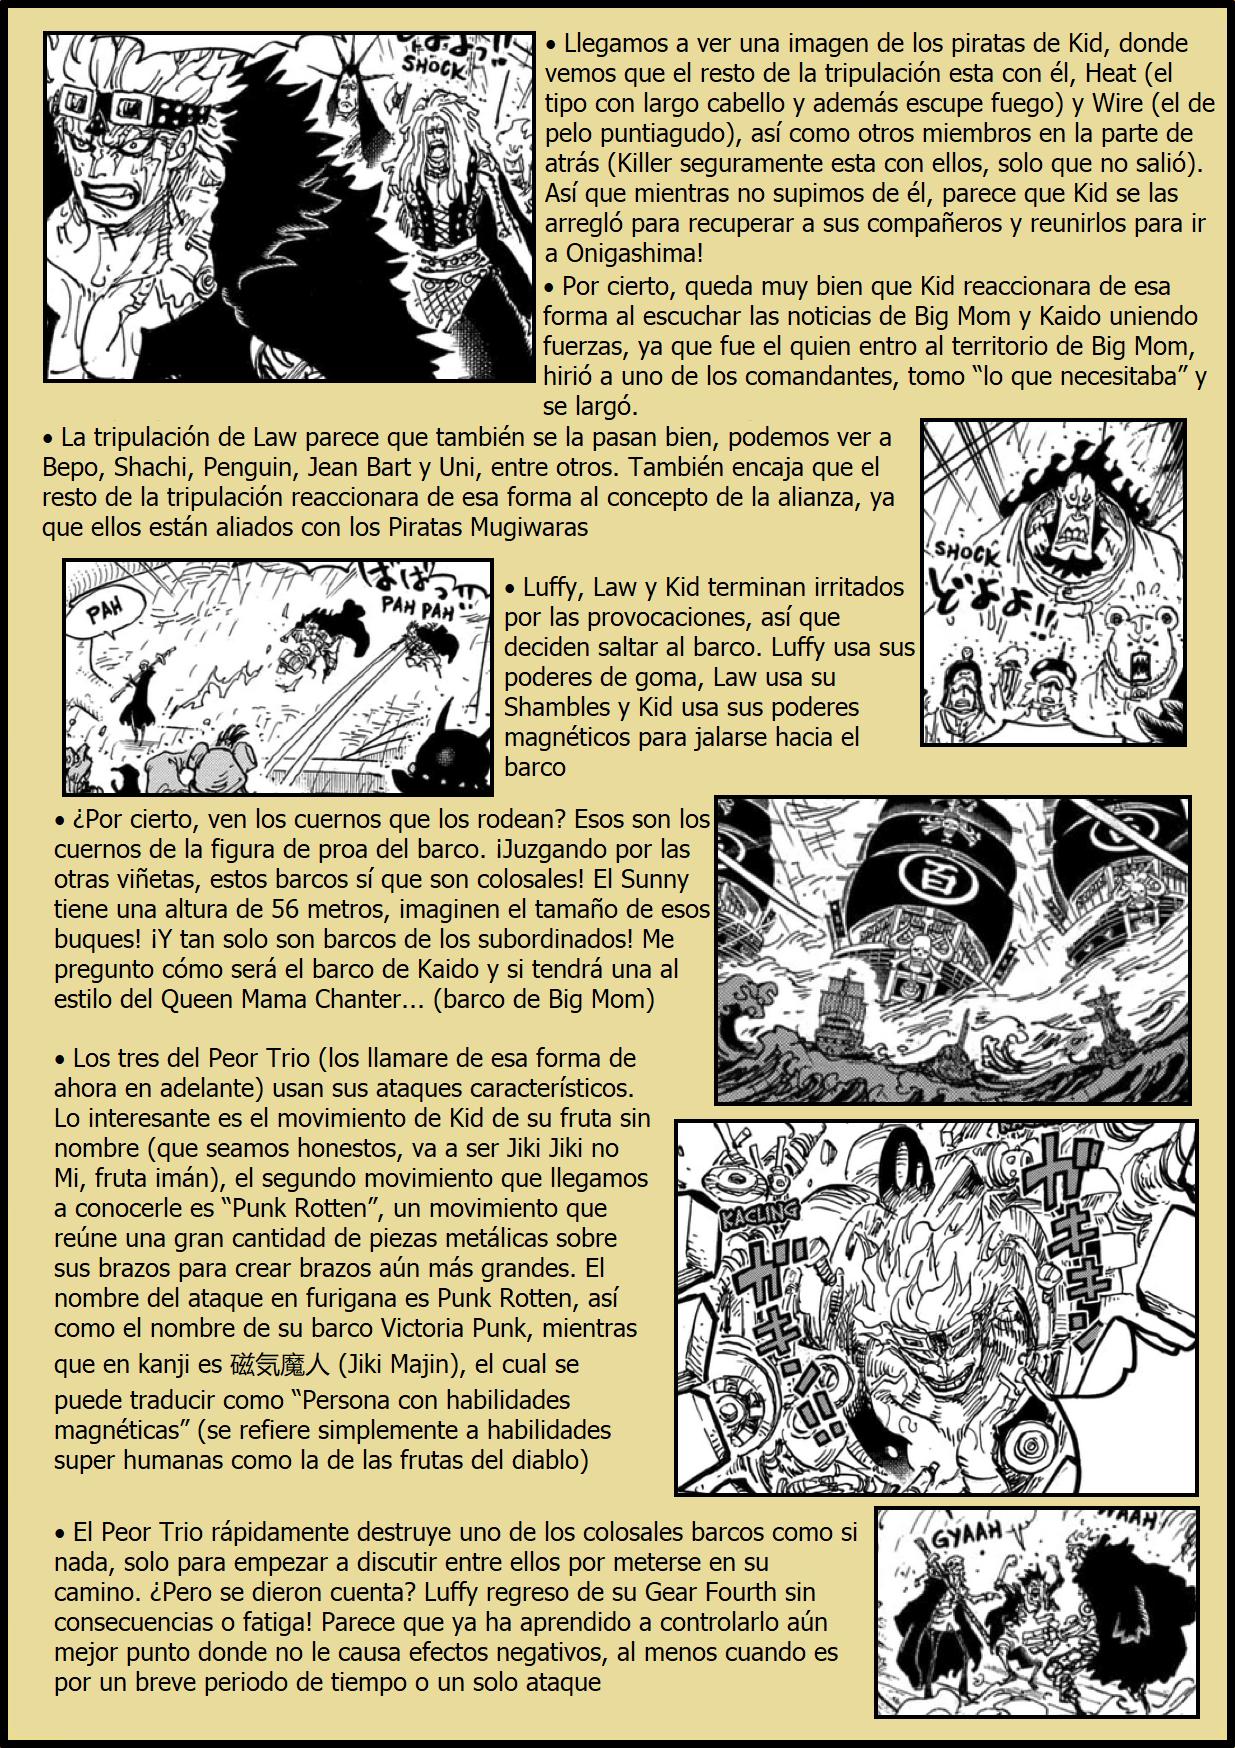 Secretos & Curiosidades - One Piece Manga 975 04